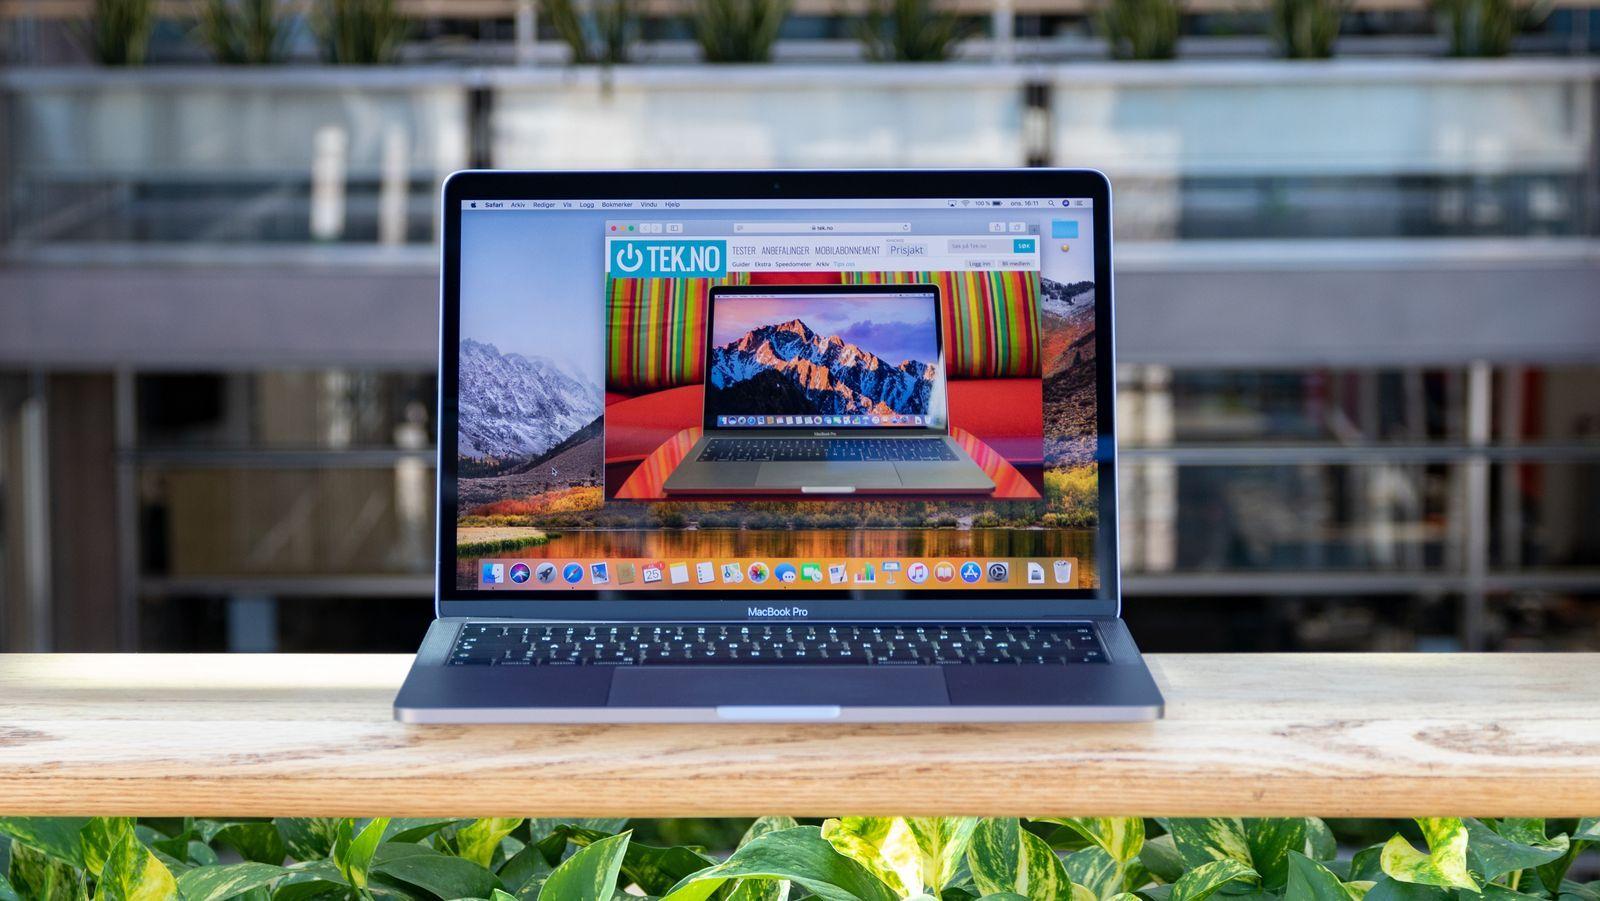 MacBook Pro 13 (2019-modellen avbildet)